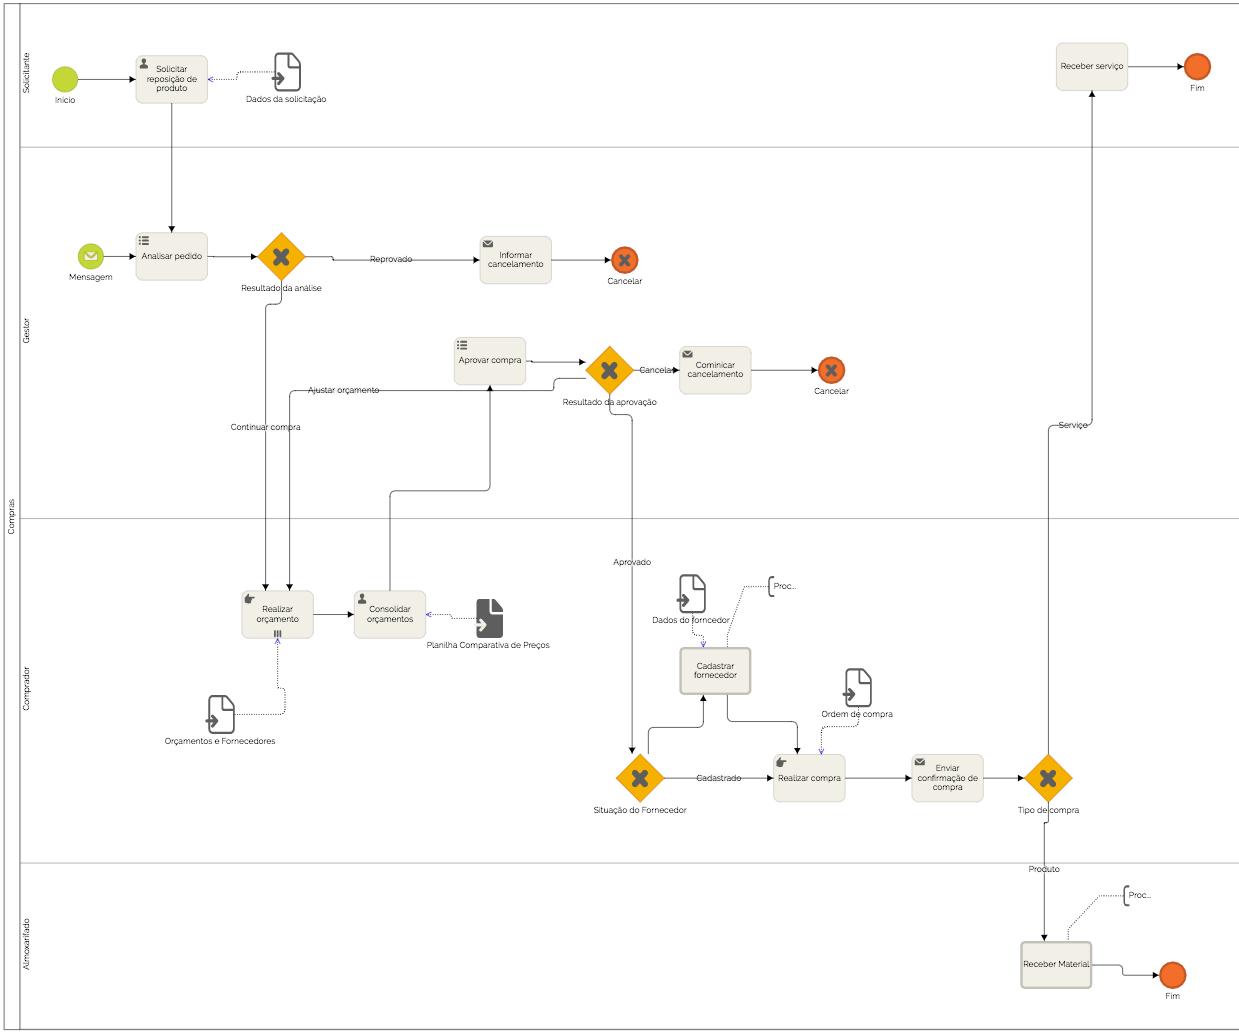 tipo de processo empresarial fluxograma-de-processo-de-compras-01